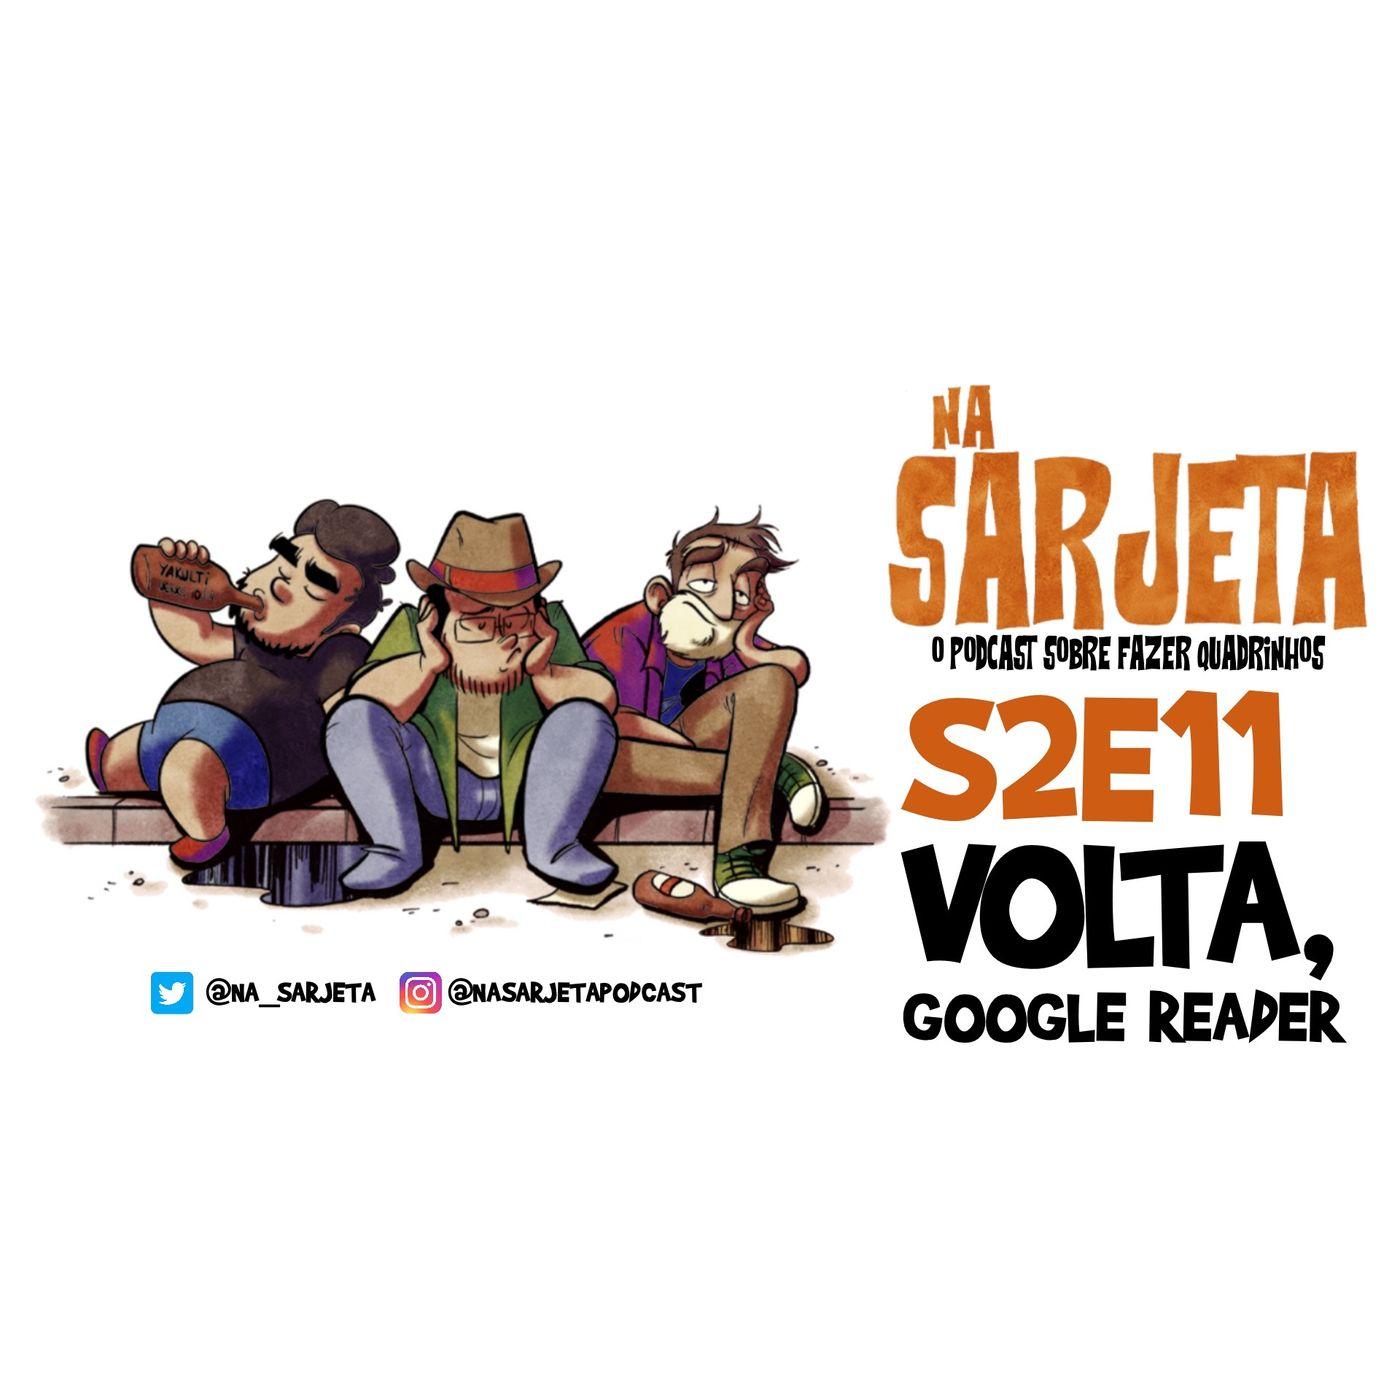 S02E11 - Volta, Google Reader